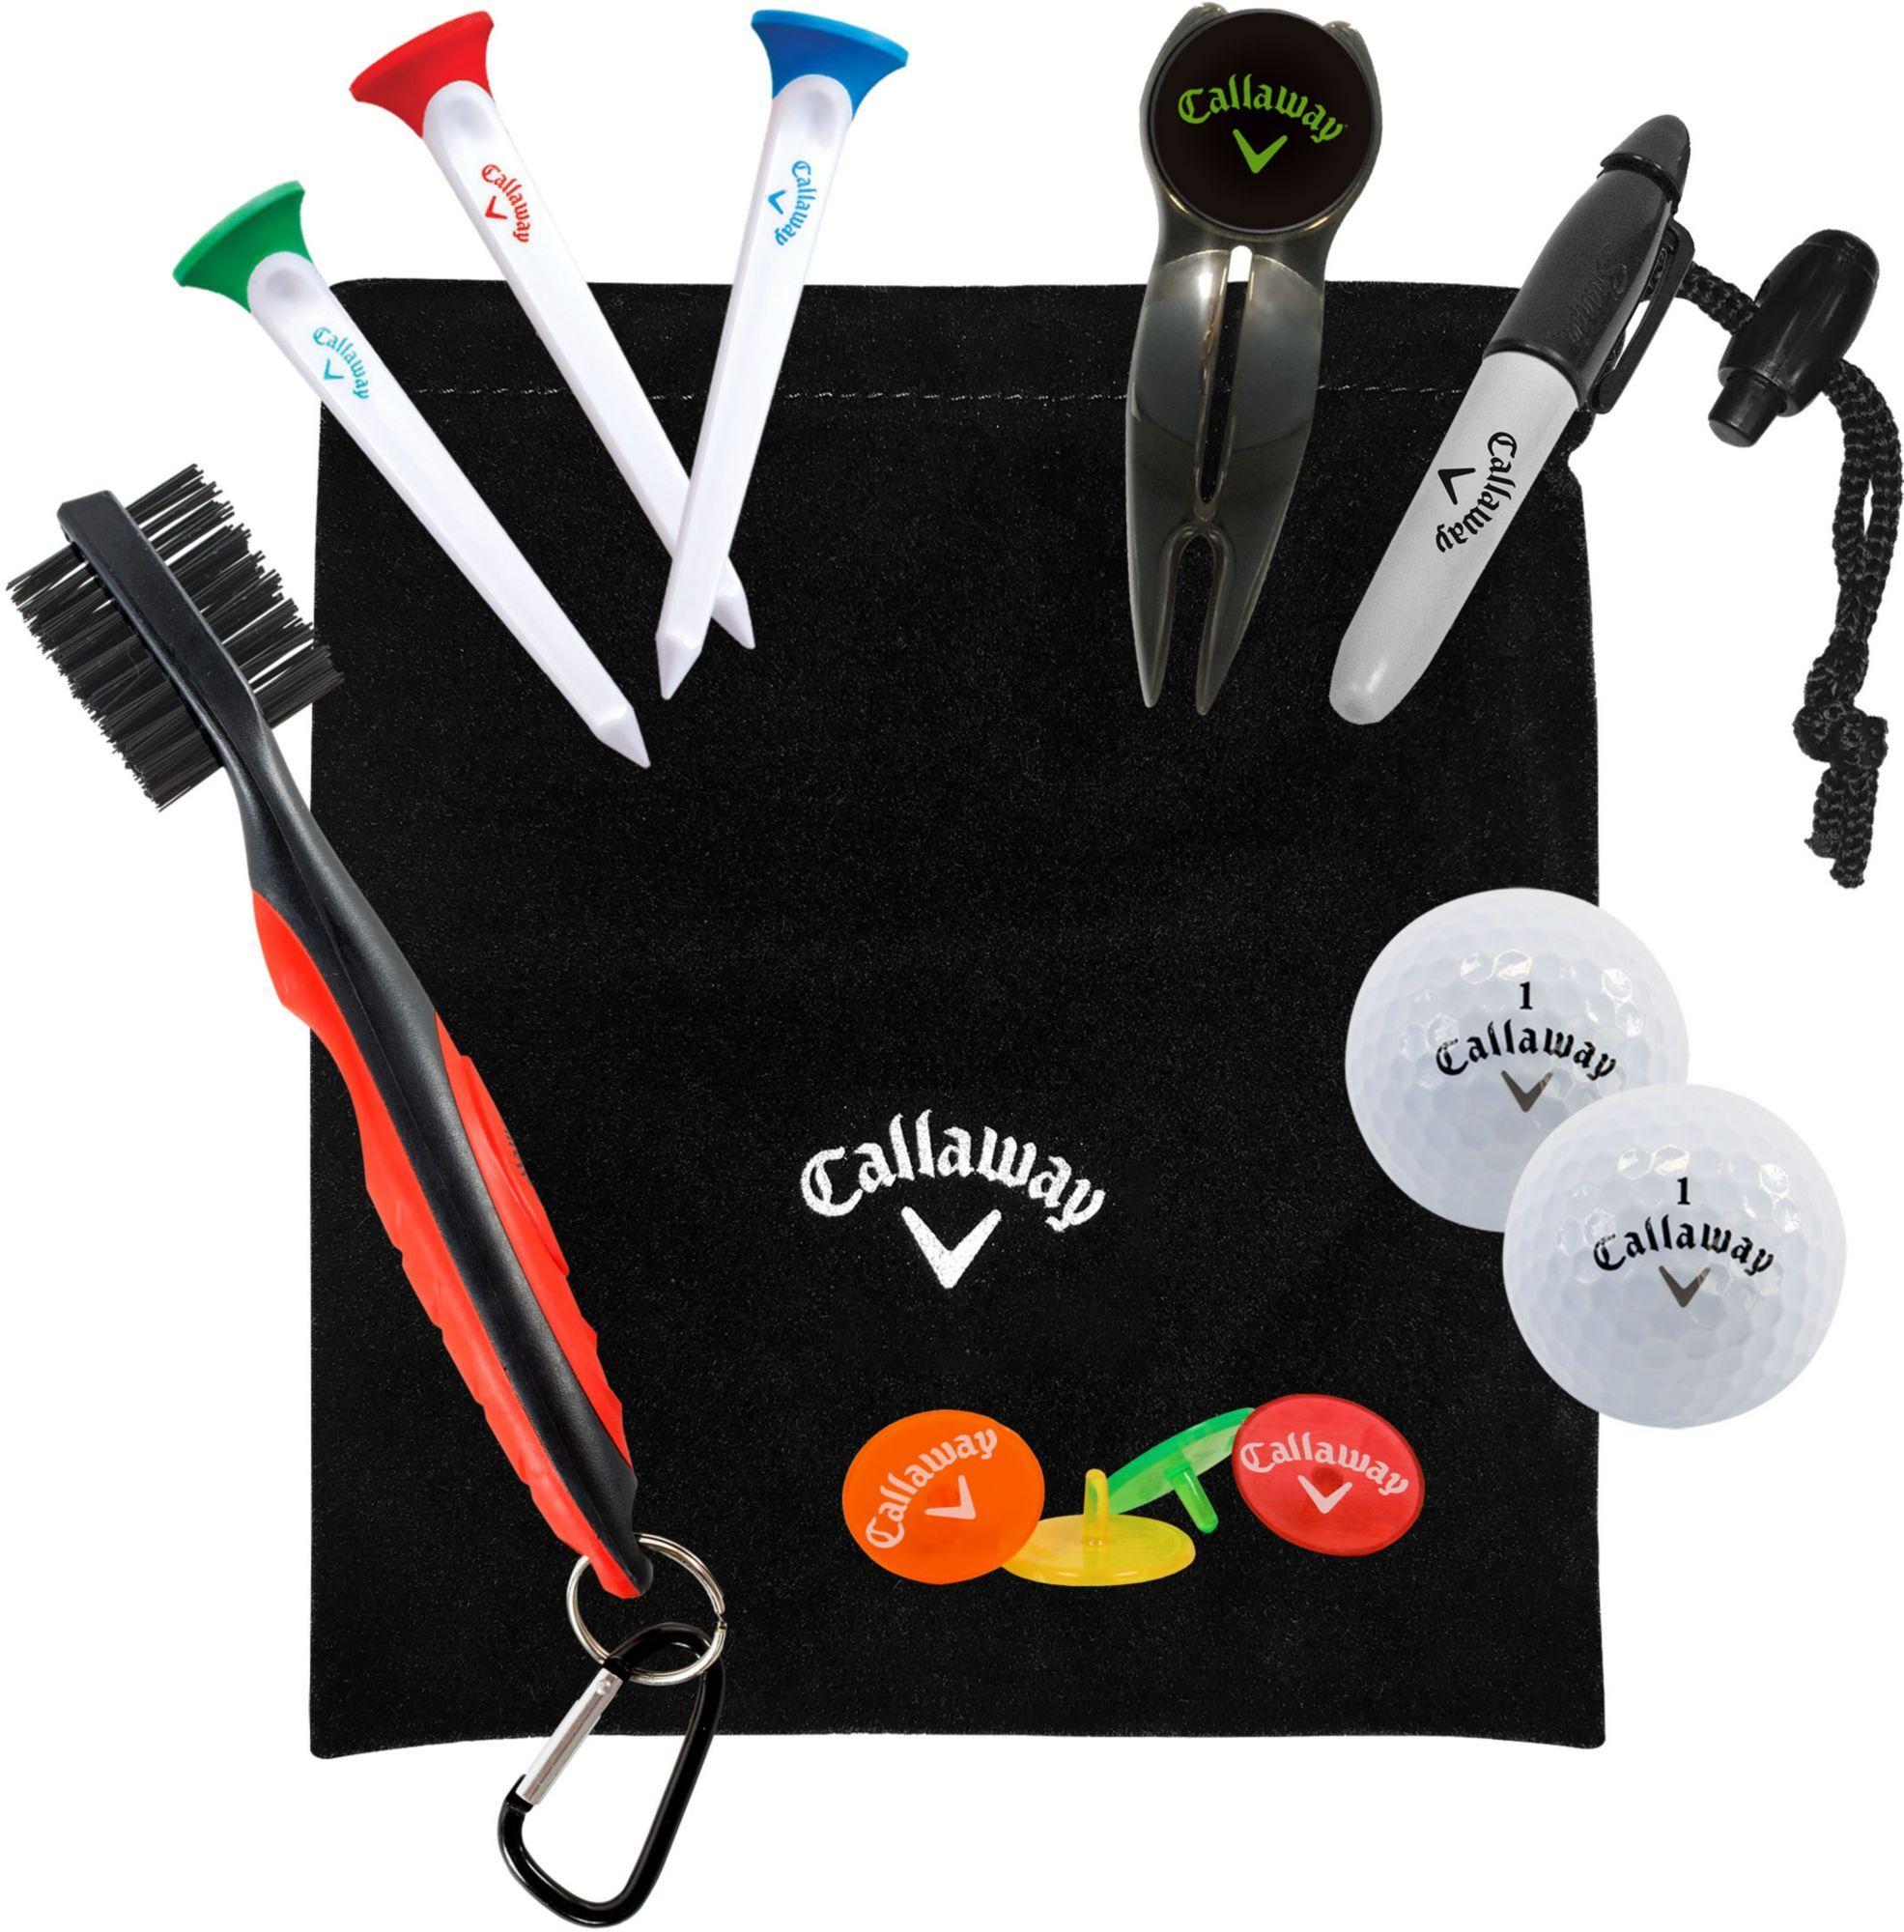 Callaway Golf Accessory Starter Set, green